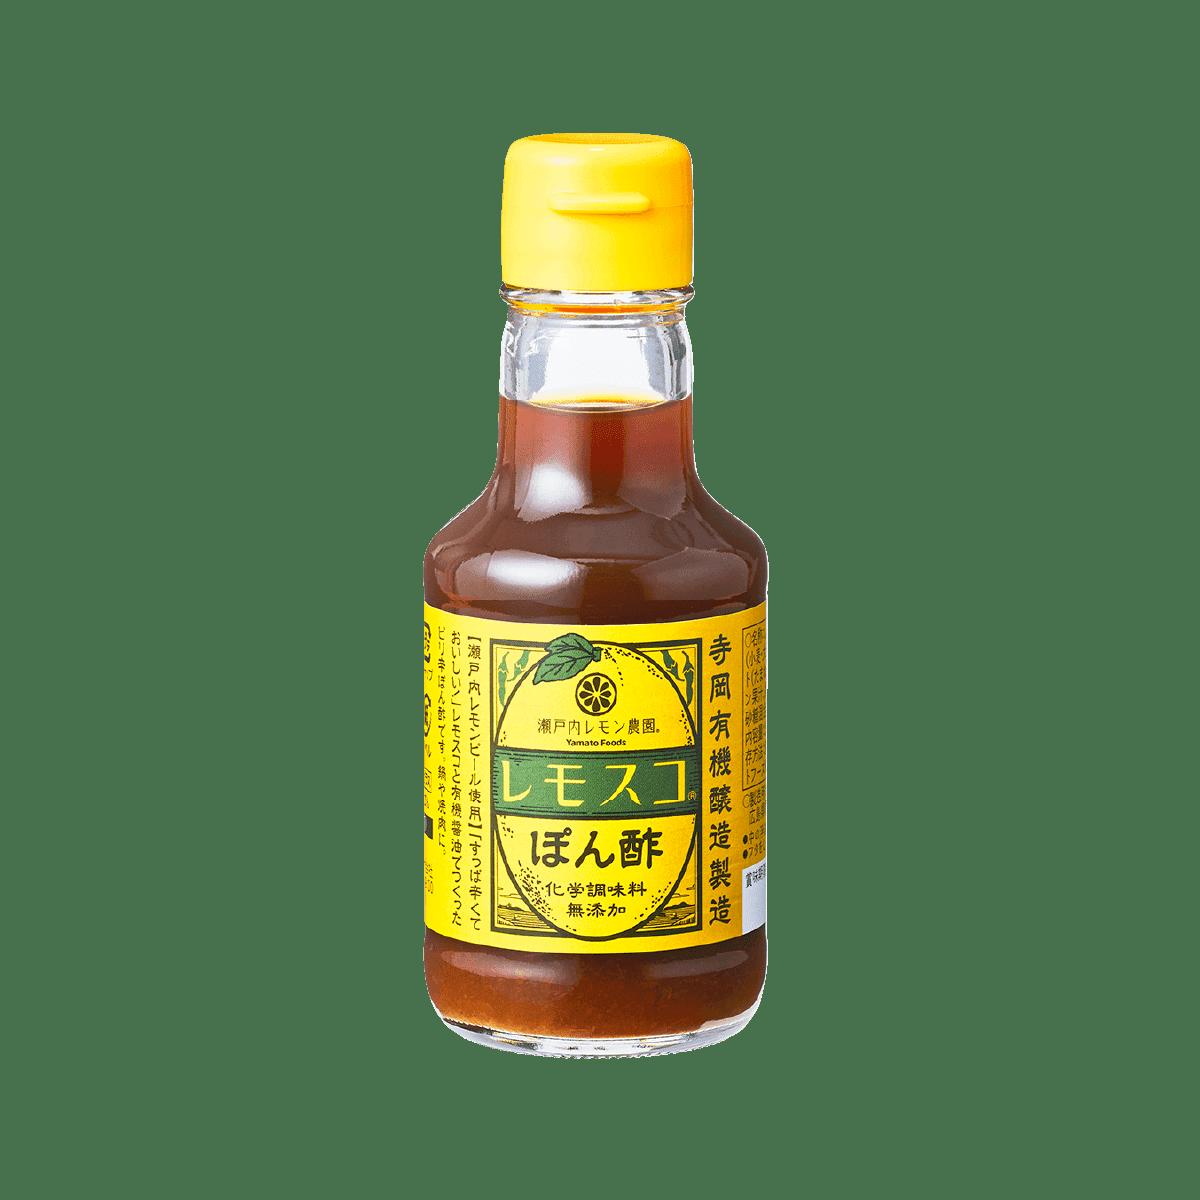 レモスコぽん酢